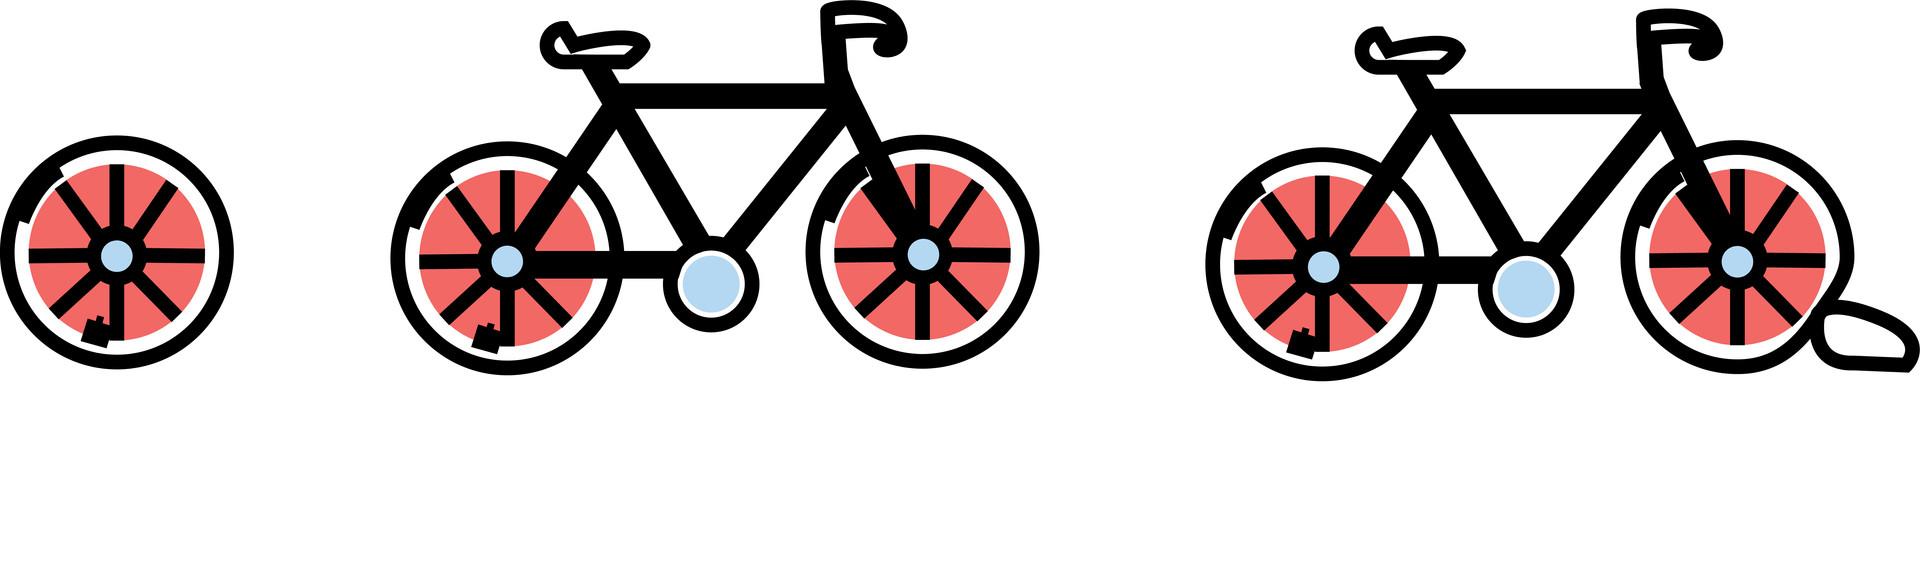 bikebase.jpg